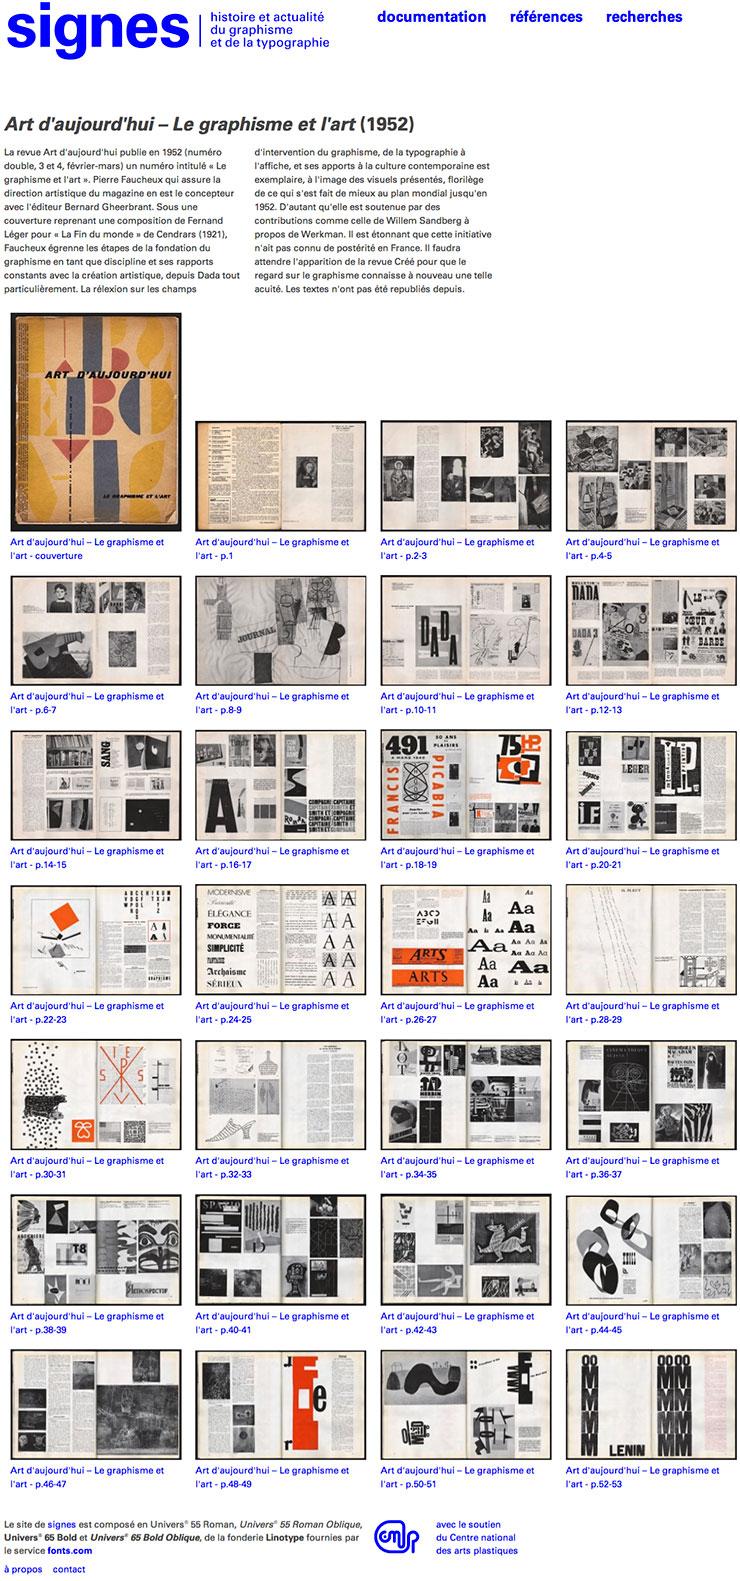 signes.org-histoire-et-actualite-du-graphisme-et-de-la-typographie